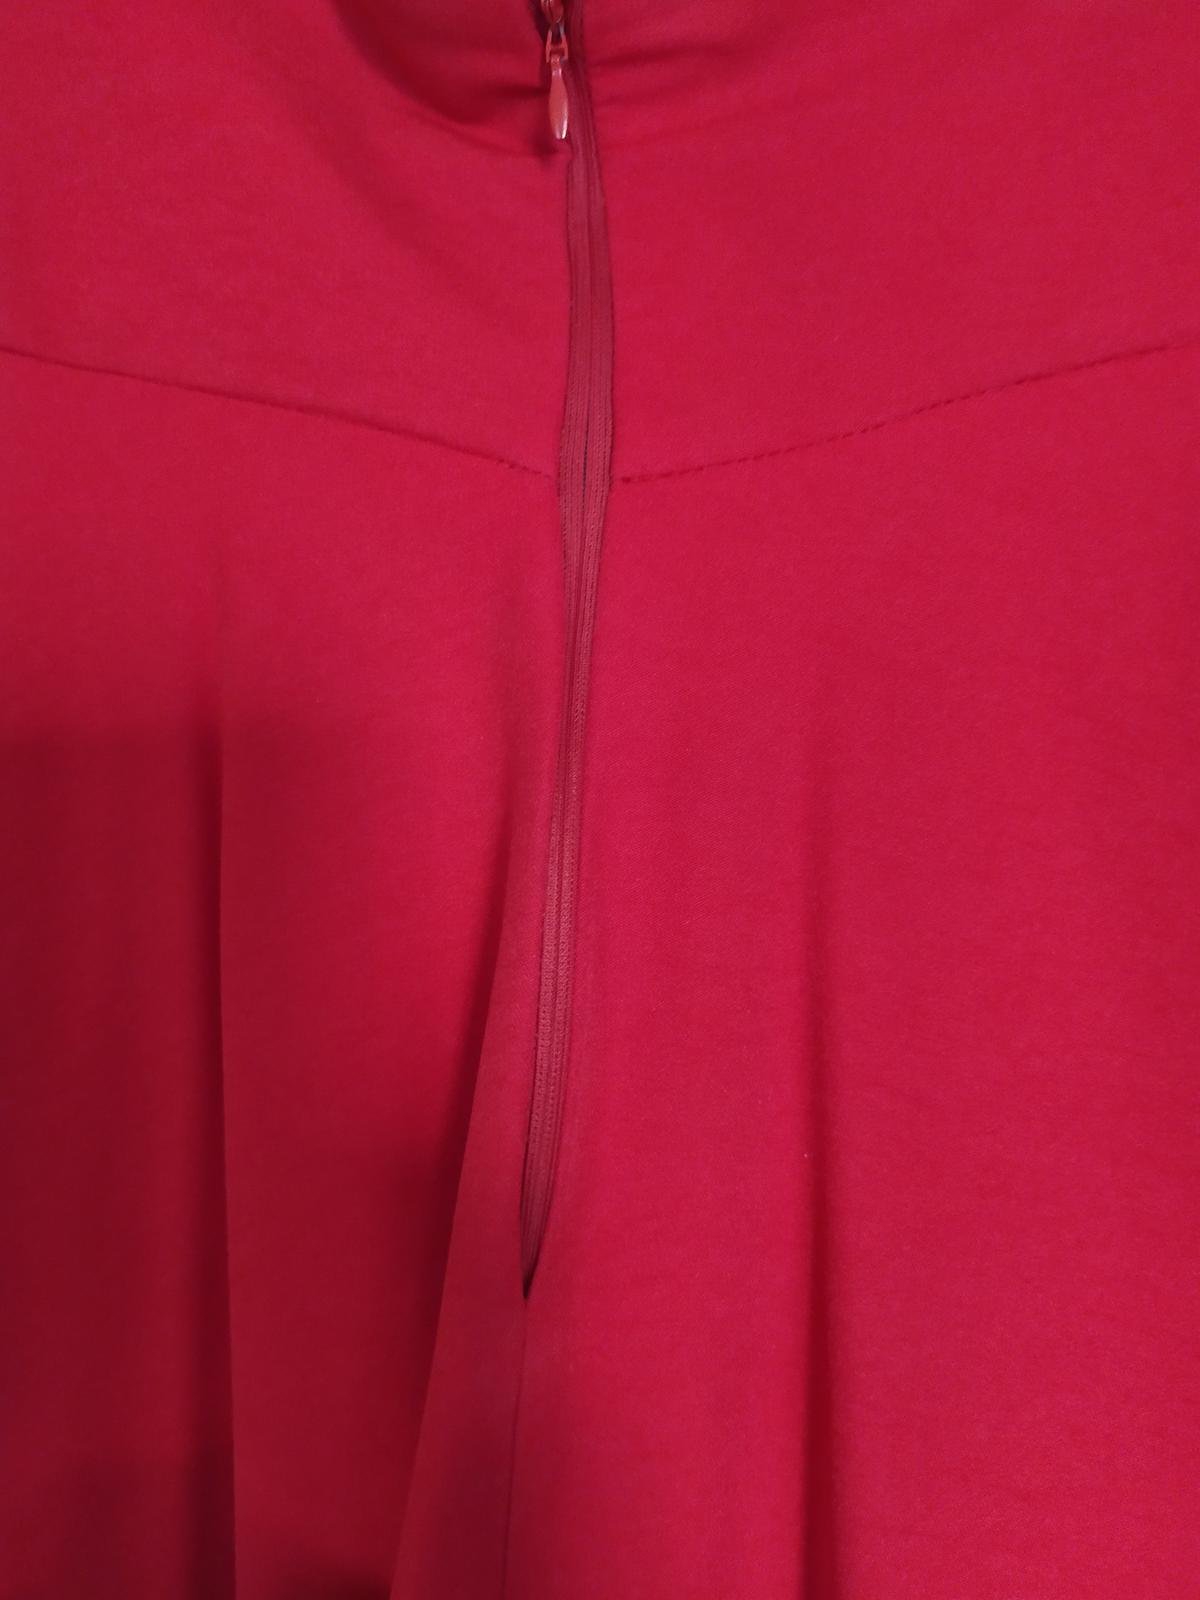 Dlhá červená sukňa s vysokým pásom - Obrázok č. 1